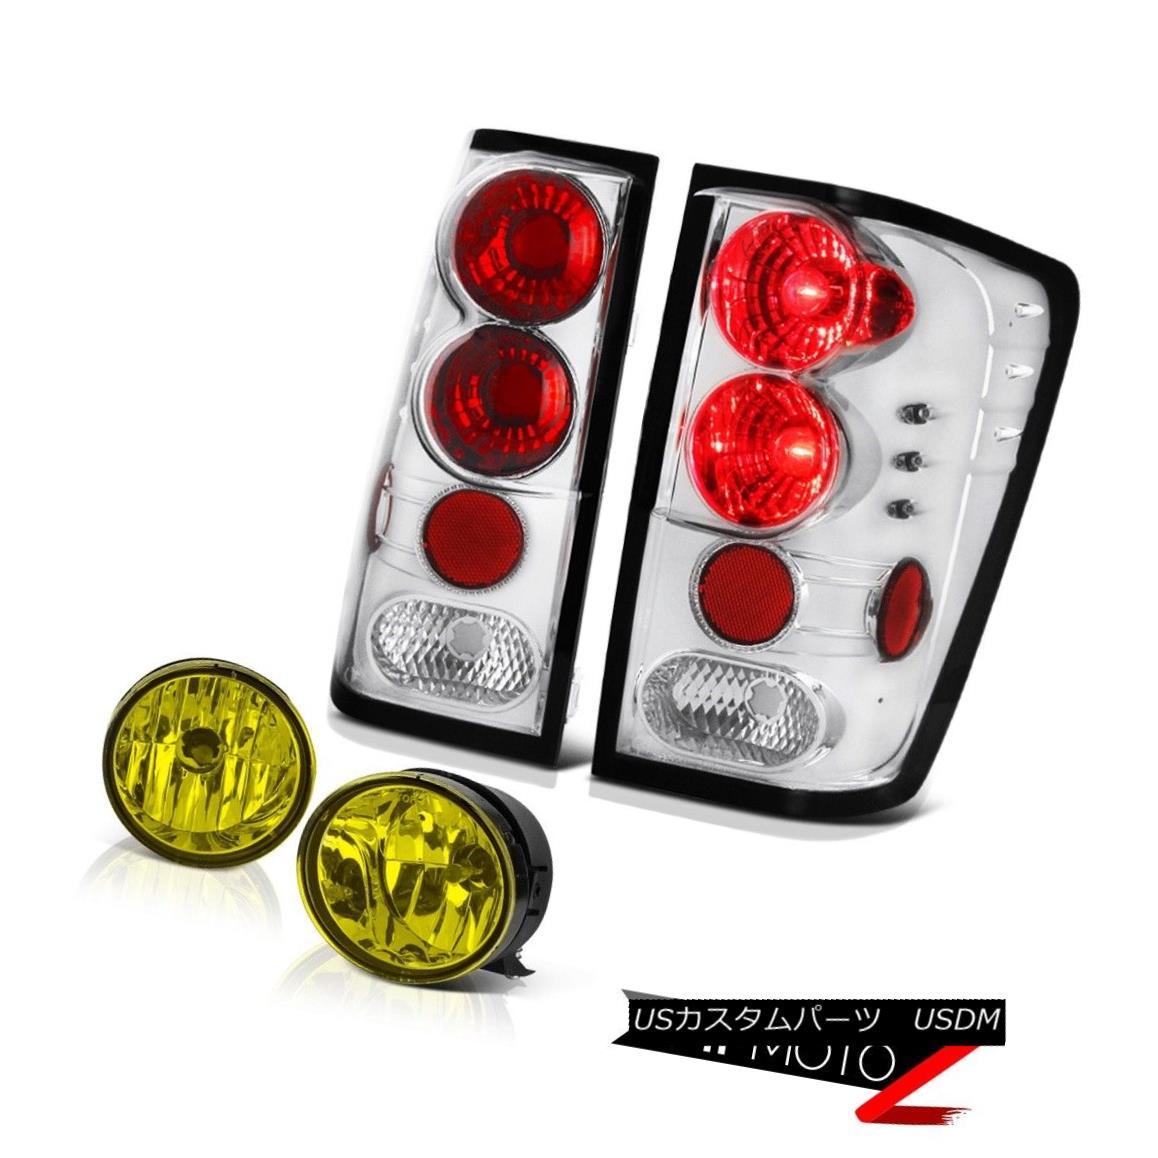 テールライト For 2004-2015 Titan SV Crystal Clear Tail Light Rear Lamp Yellow Bumper Foglight 2004年?2015年Titan SVクリスタルクリアテールライトリアランプイエローバンパーフォグライト